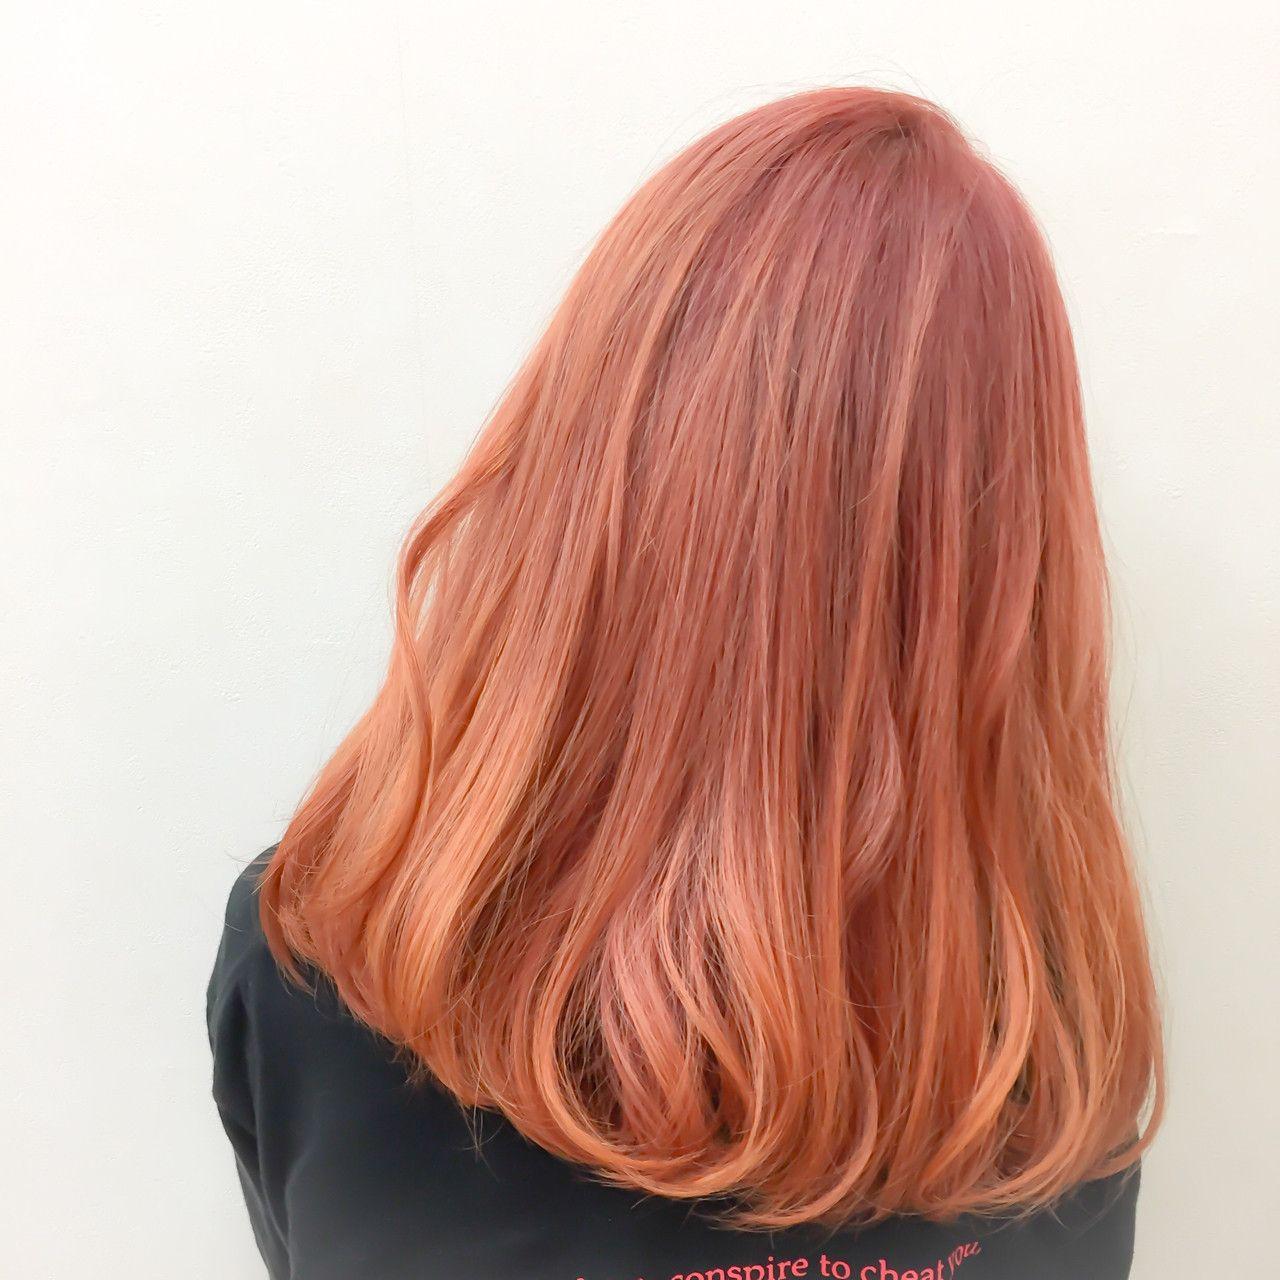 オレンジ系のヘアカラーで今っぽアクティブな印象に お手軽イメチェンしよ Hair 髪色 オレンジ ヘアスタイリング ヘアカラー